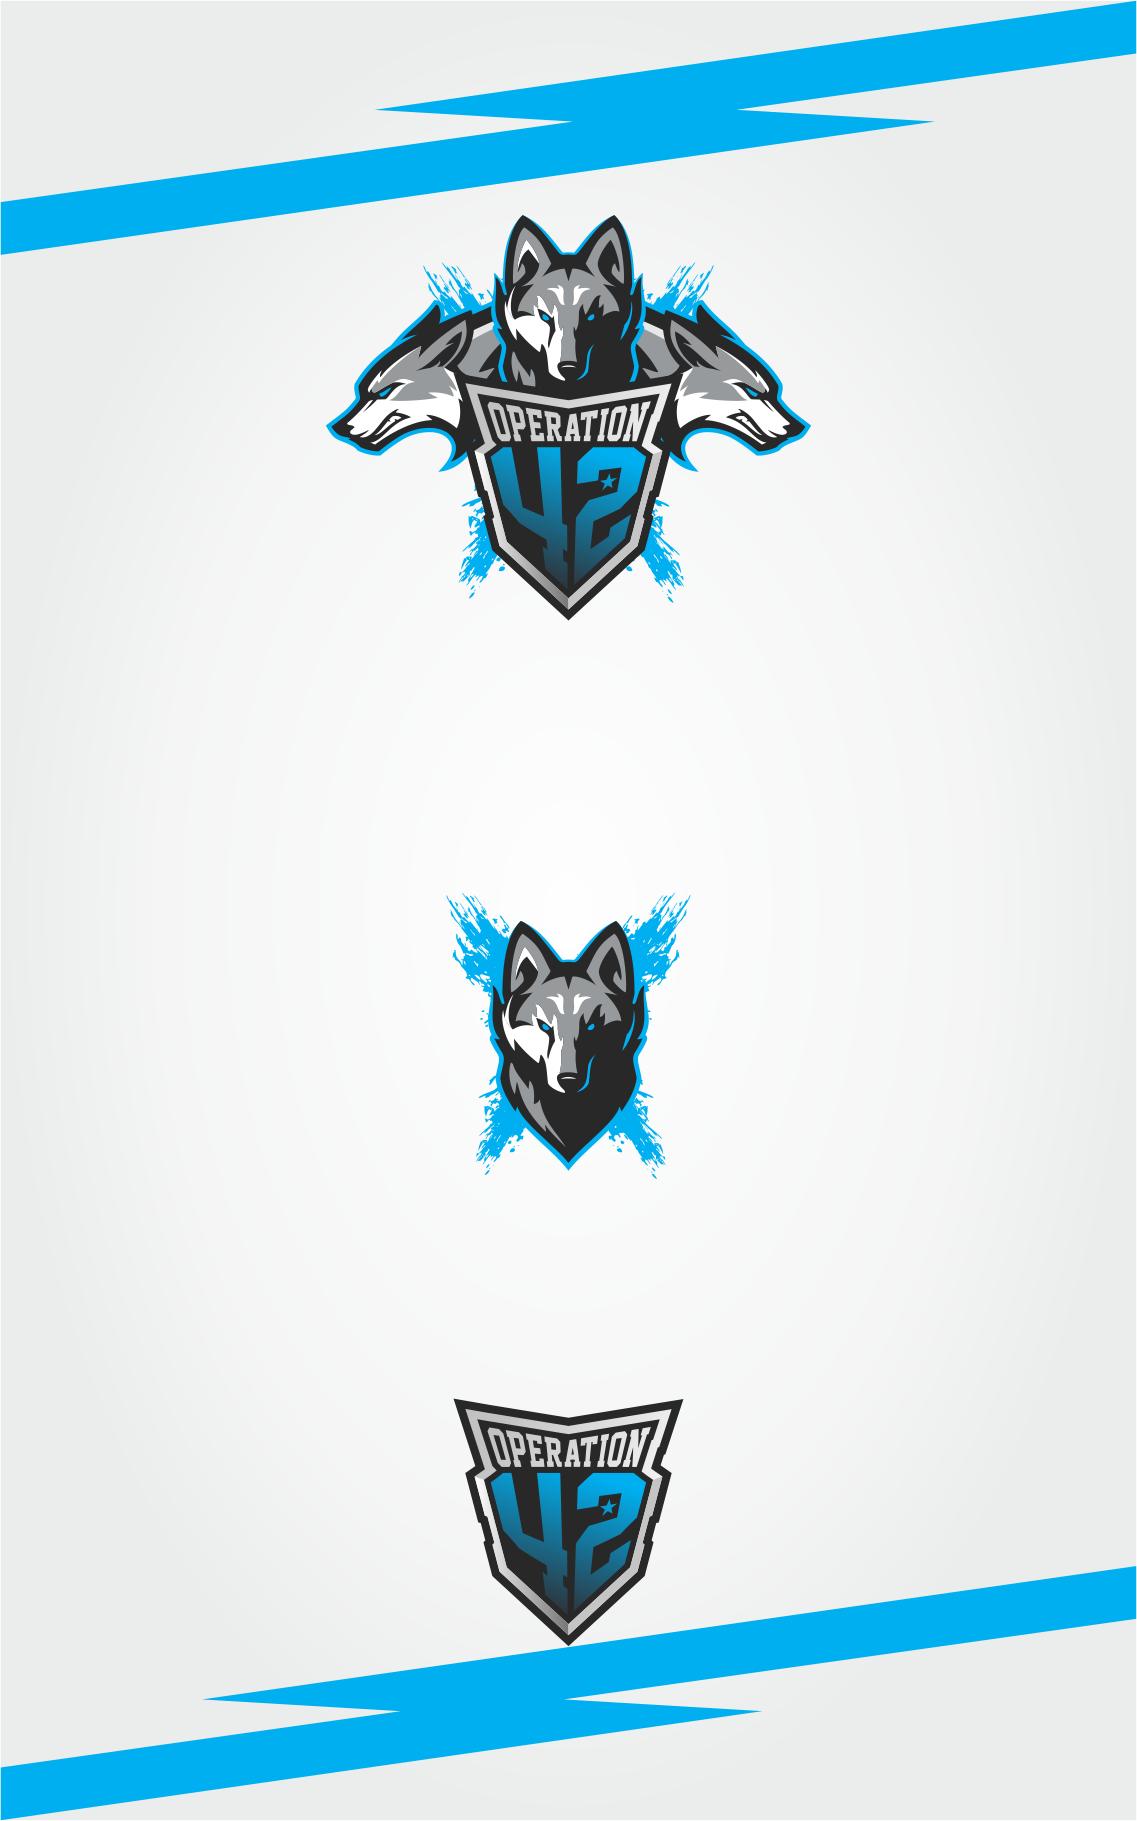 Erstelle ein Design für ein professionelles Esports-Team Logo + Social Media